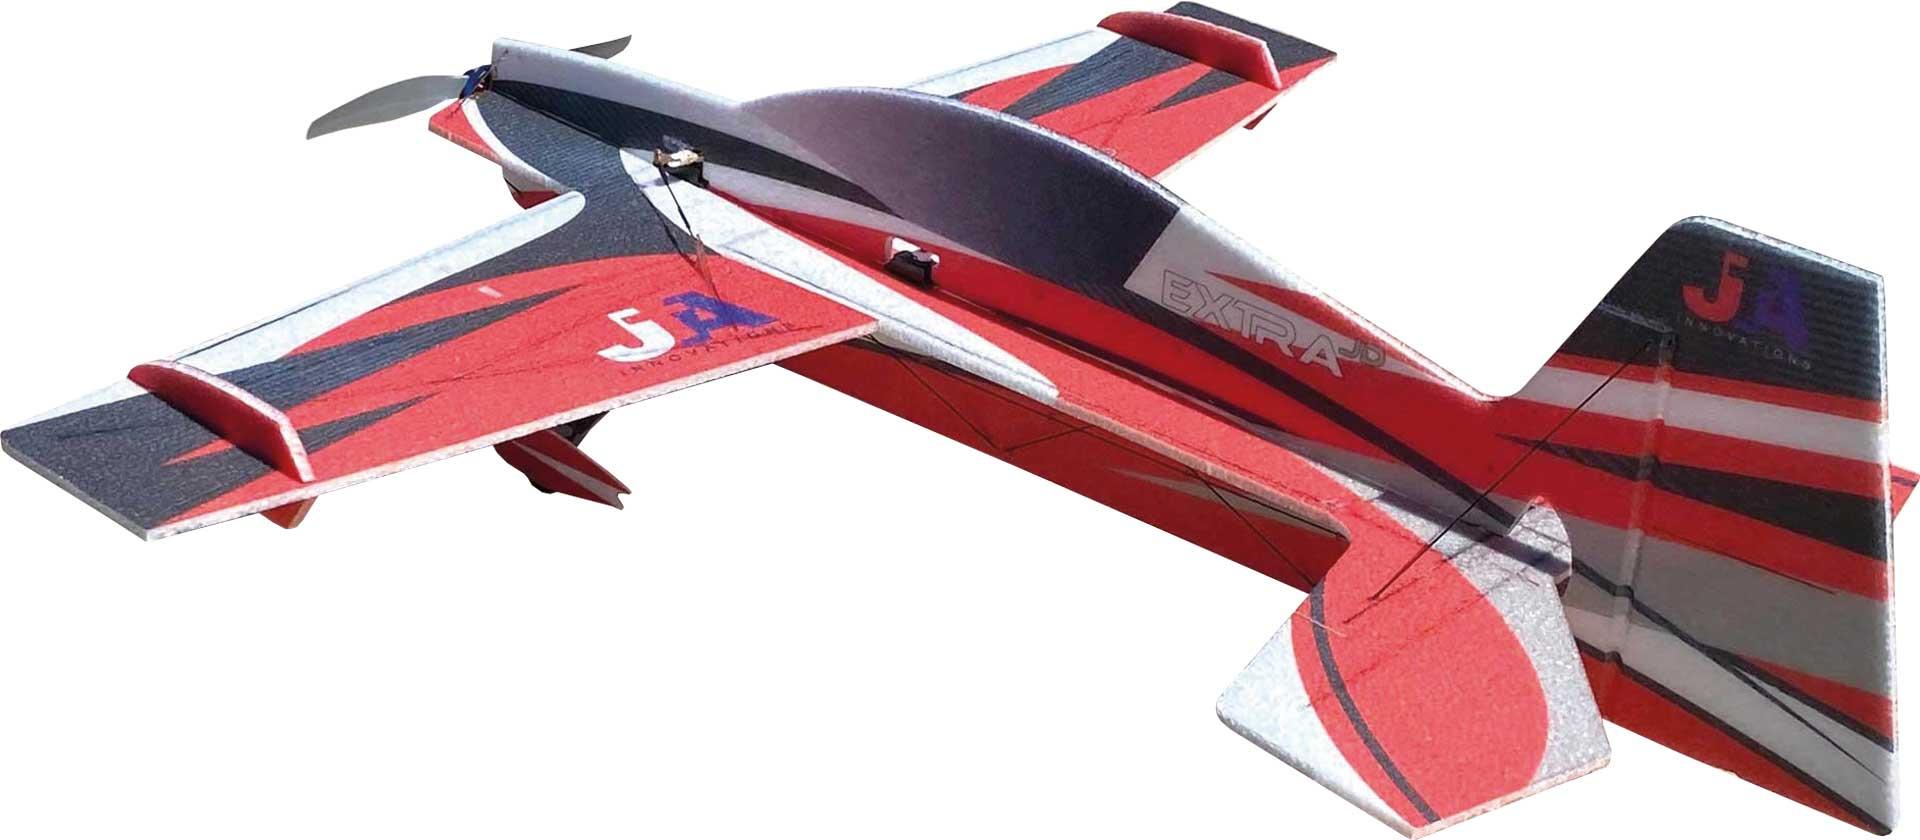 """JTA Innovations Extra JD rot/schwarz/weiss 32"""" EPP 3D-Kunstflug Modell"""